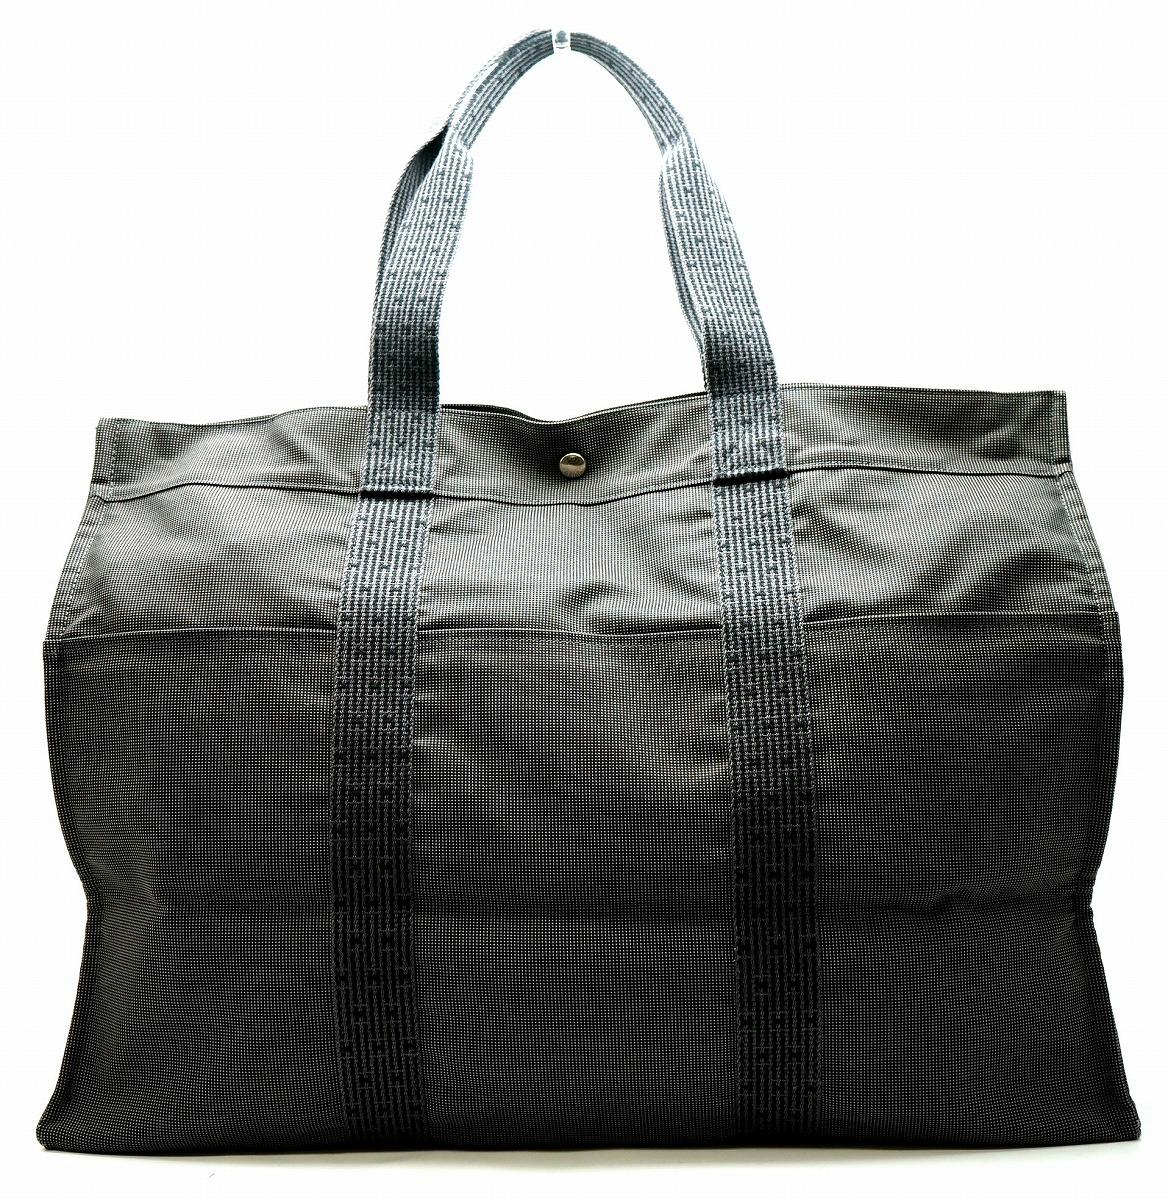 【バッグ】HERMES エルメス エールライン トートTGM GM トートバッグ 旅行鞄 旅行 ショルダートート キャンバス グレー 【中古】【u】